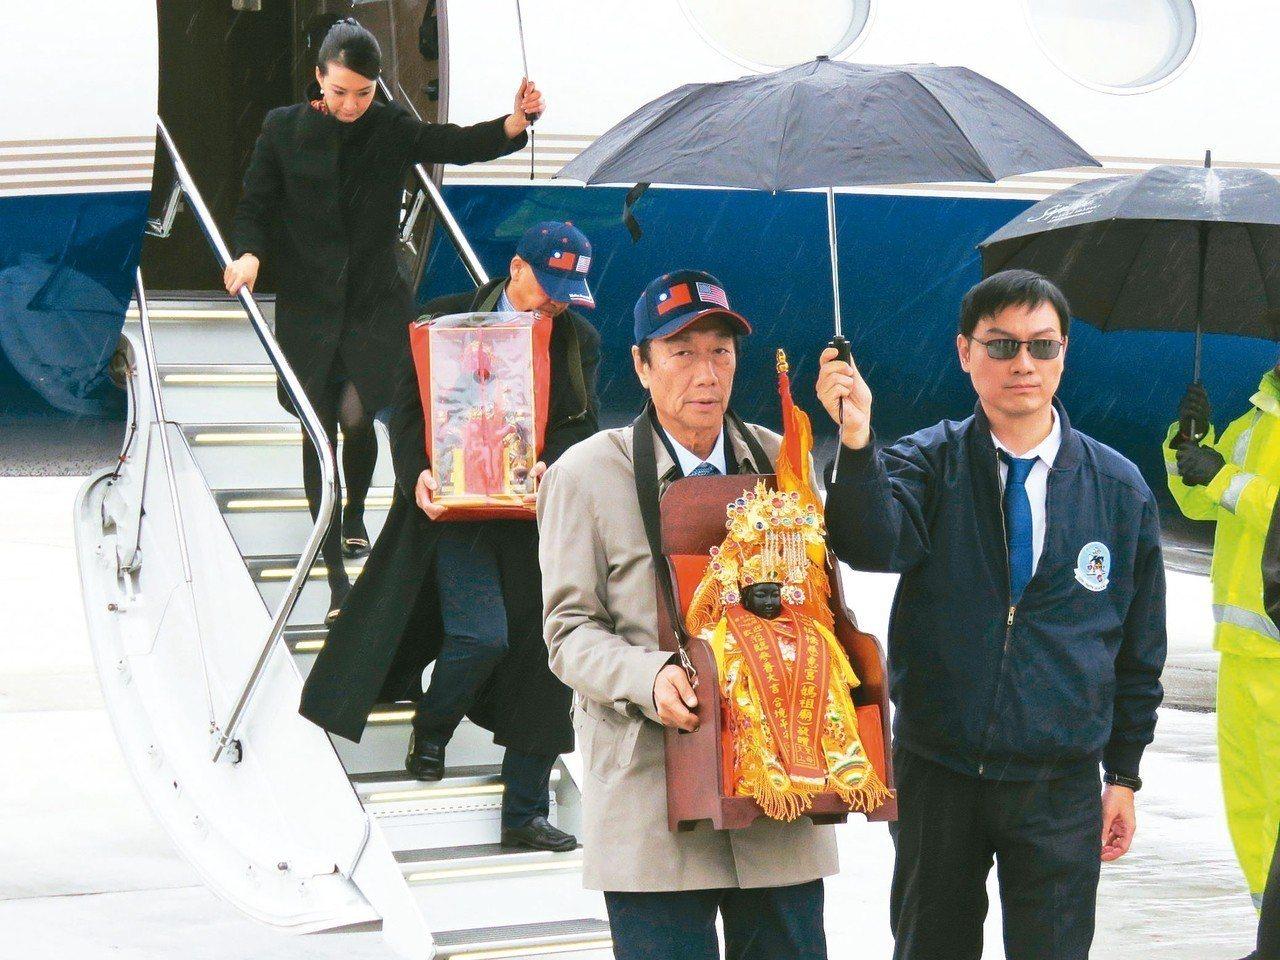 鴻海董事長郭台銘(右二)搭專機前往威州,抱著媽祖神像下機。 特派記者張加/攝影